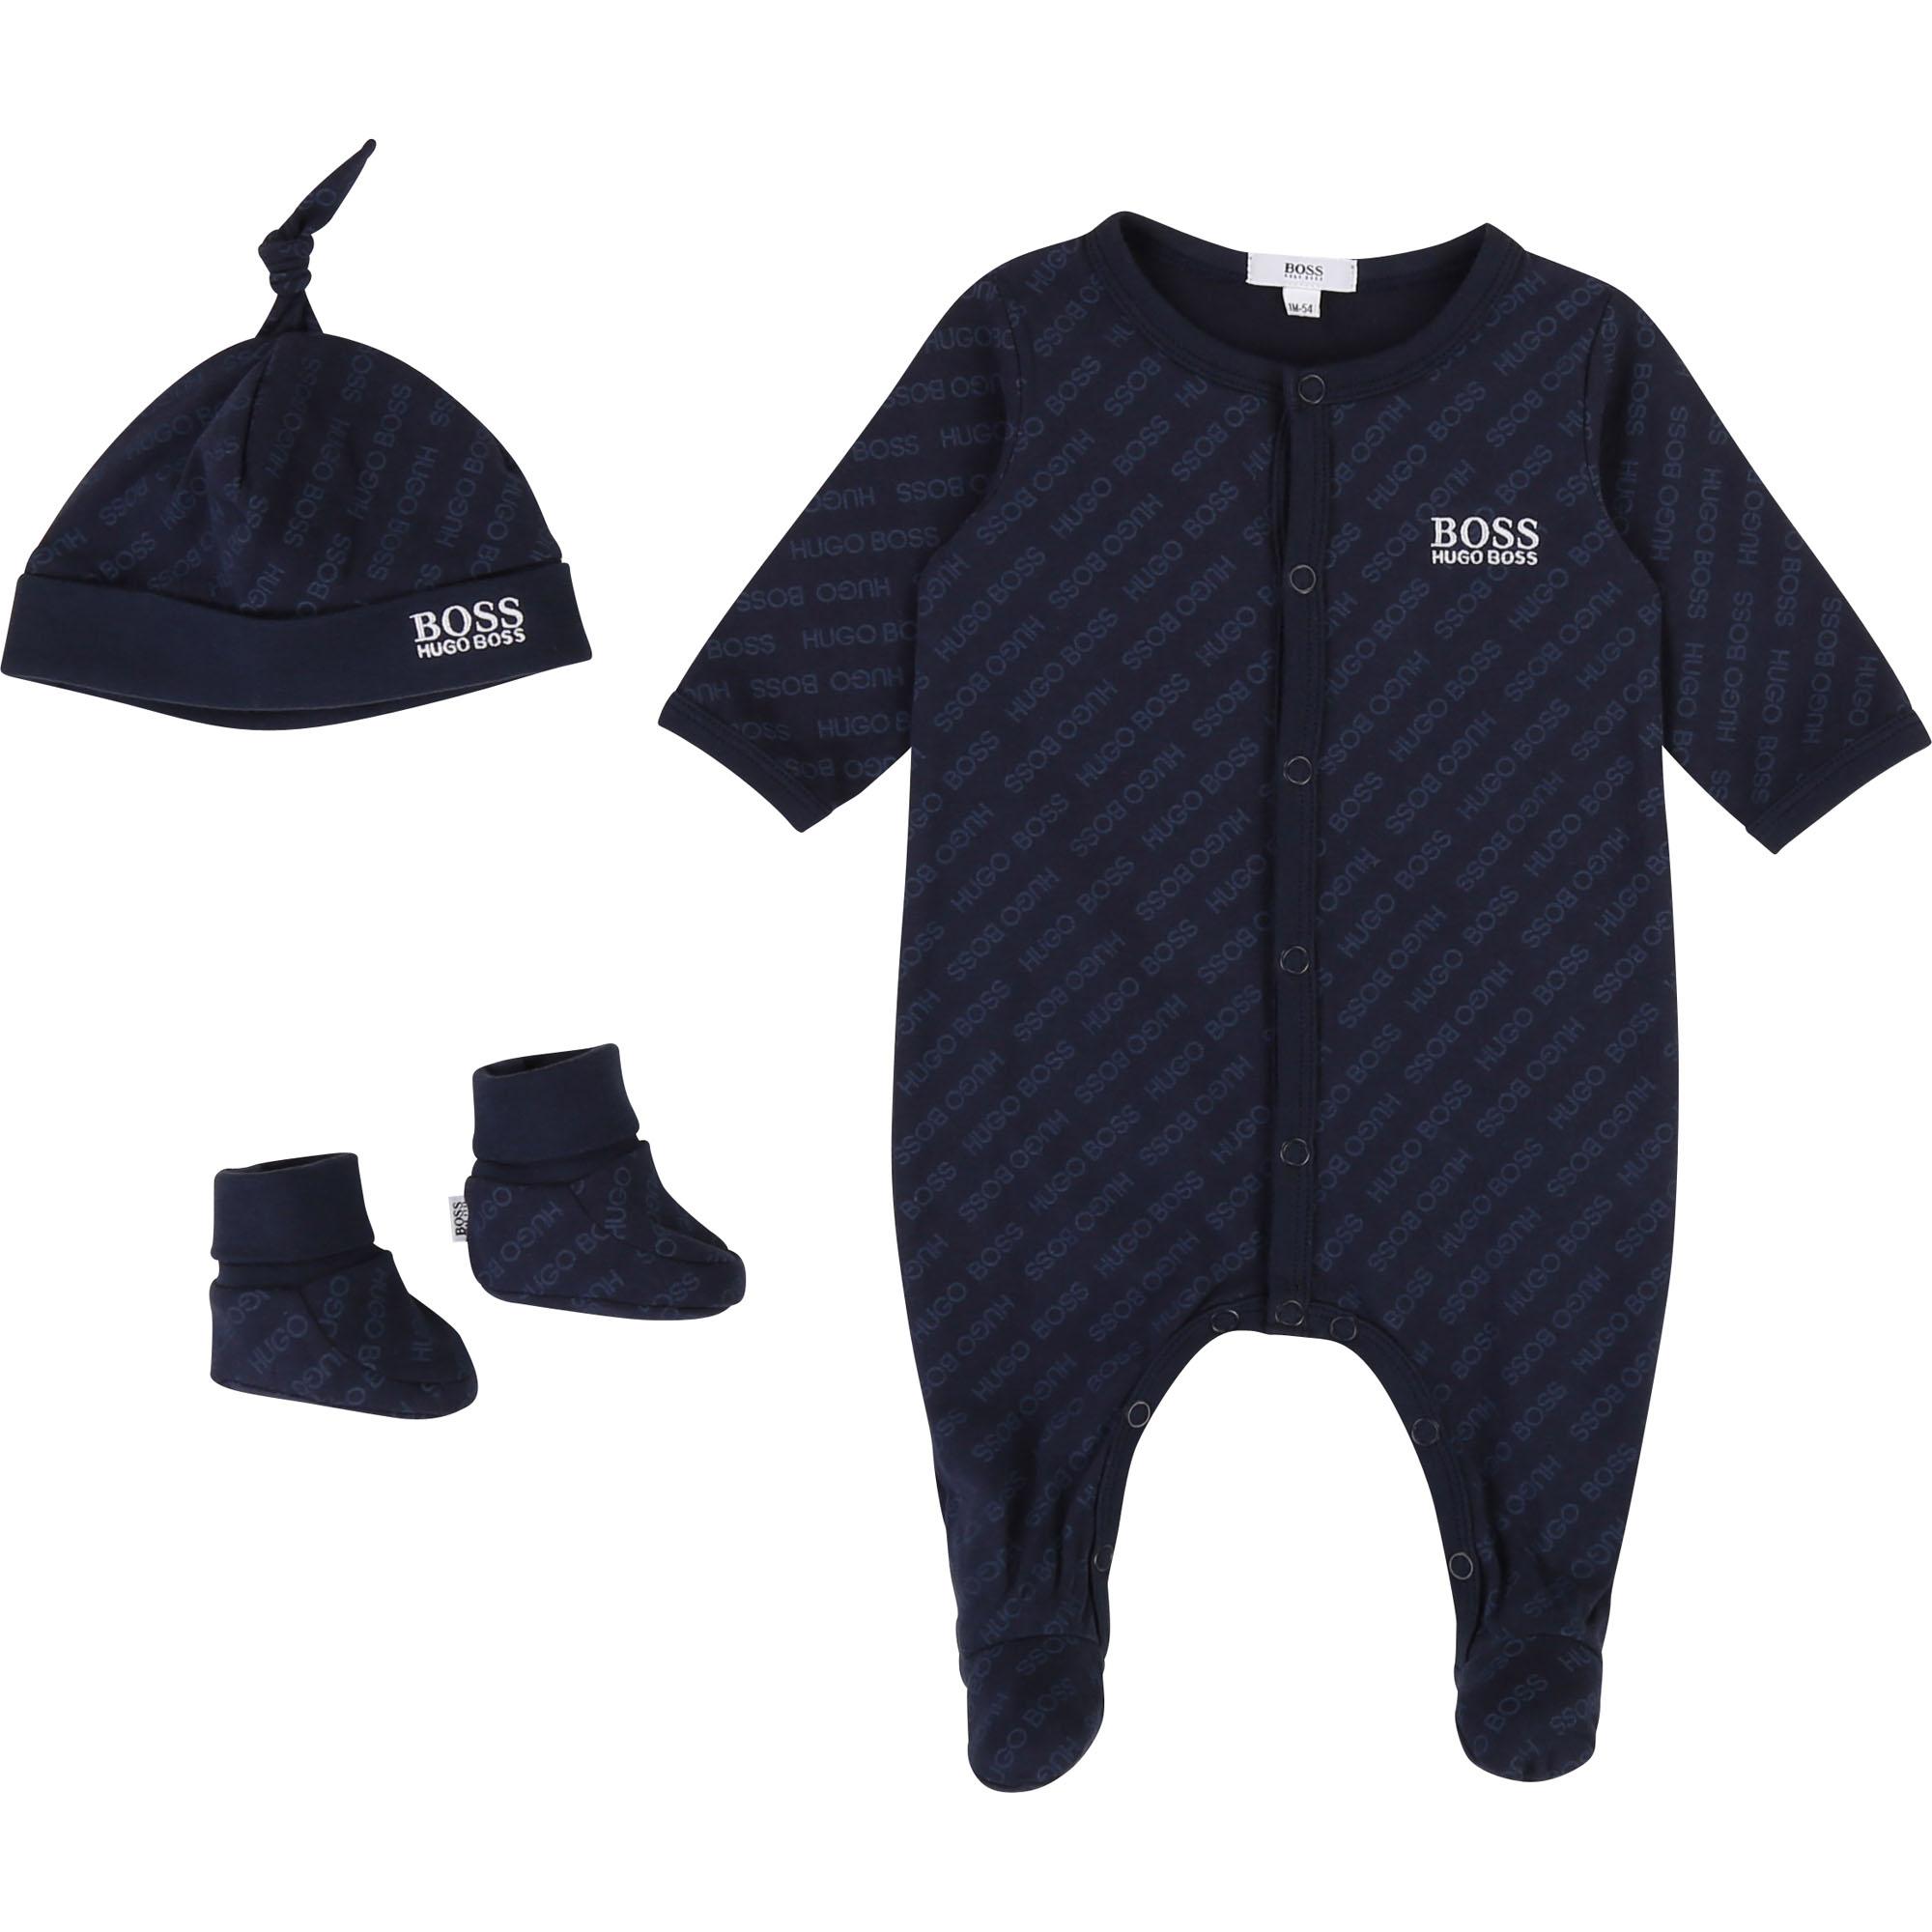 Boss Vauvan Lahjapakkaus ALE -50% (OVH 95,00€)